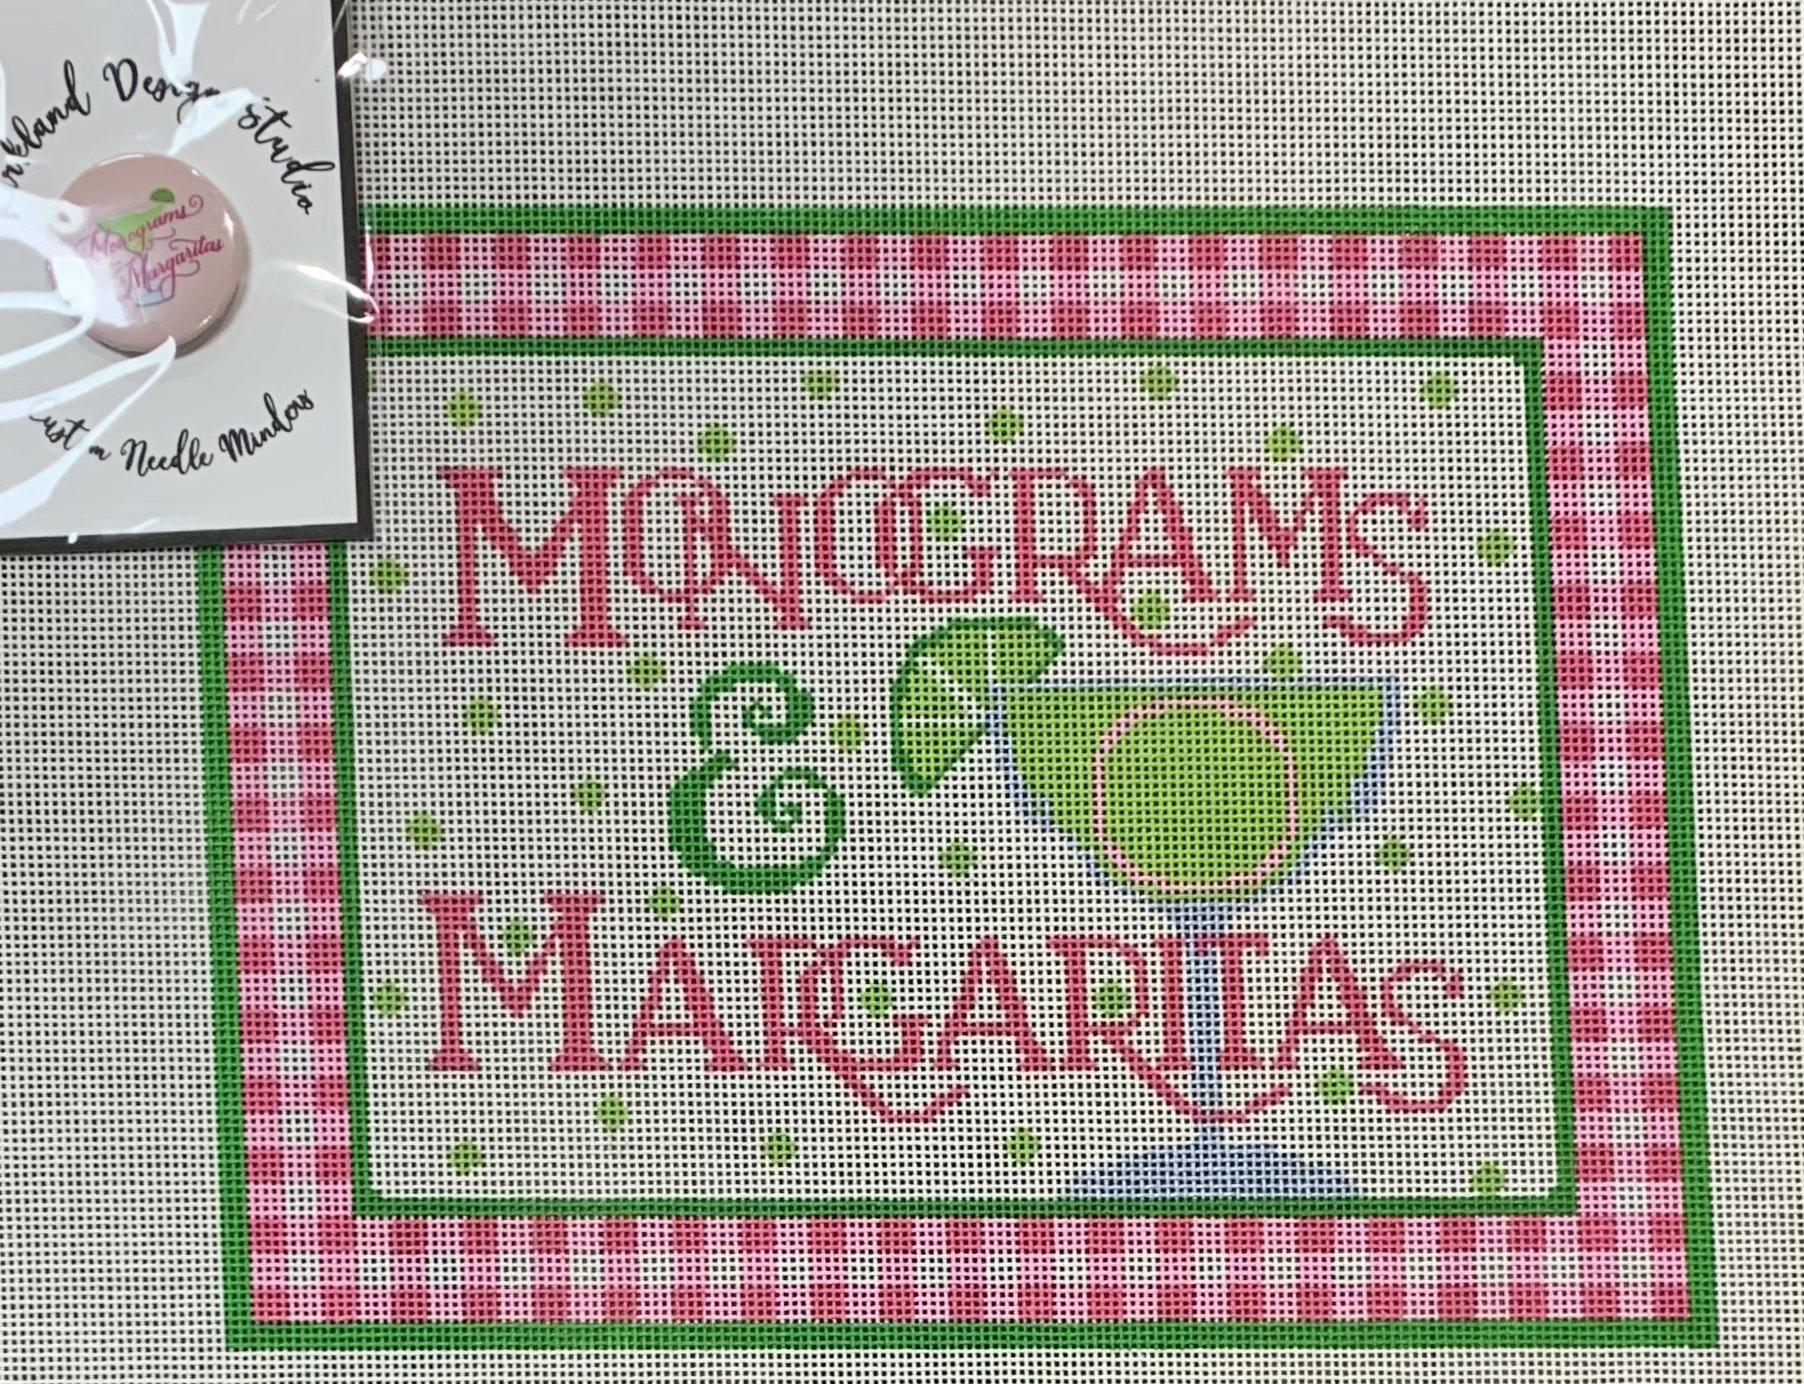 Monograms & Margaritas w/ Needleminder